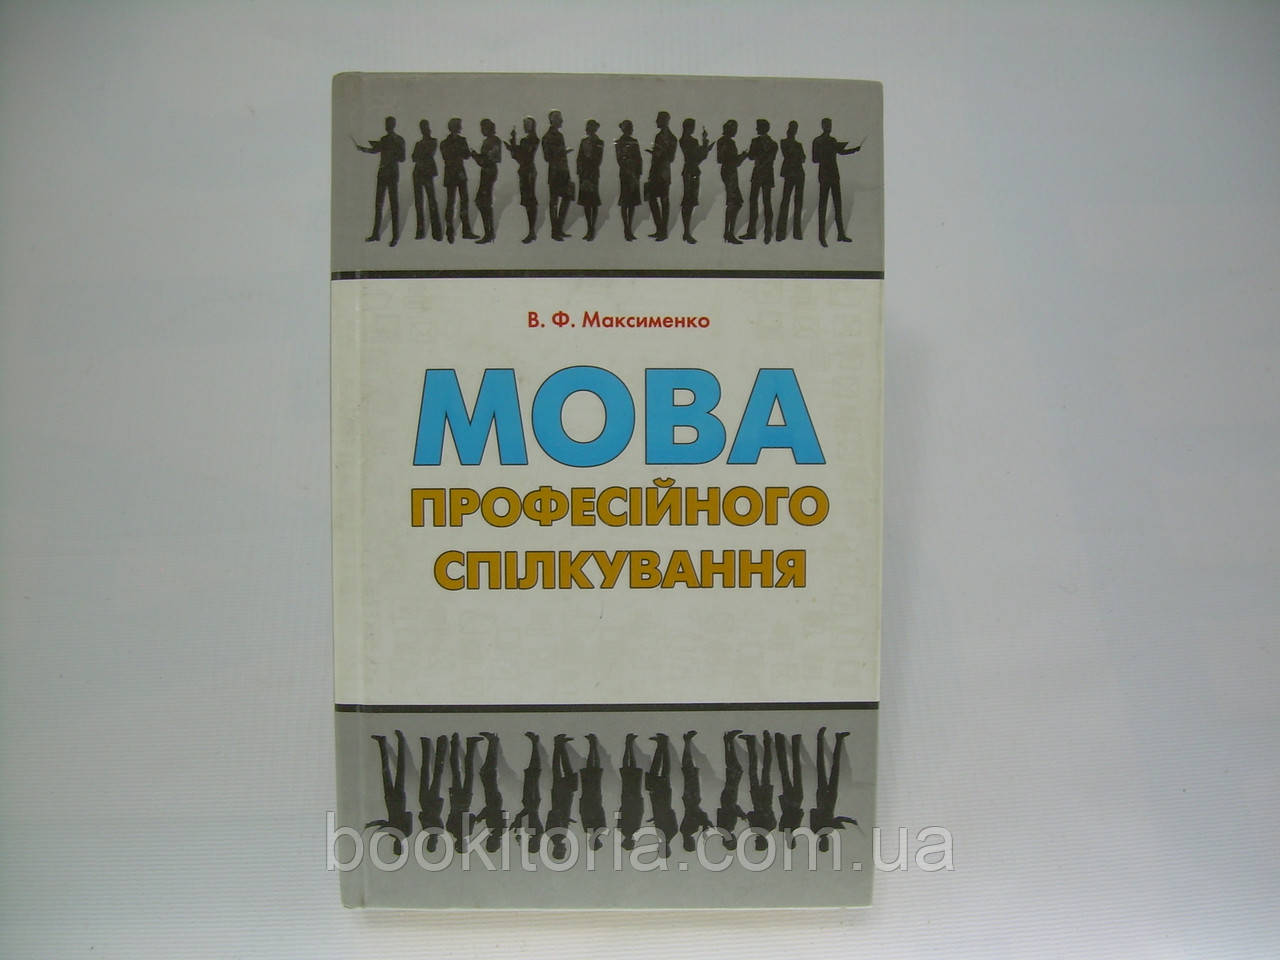 Максименко В.Ф. Мова професійного спілкування (б/у).